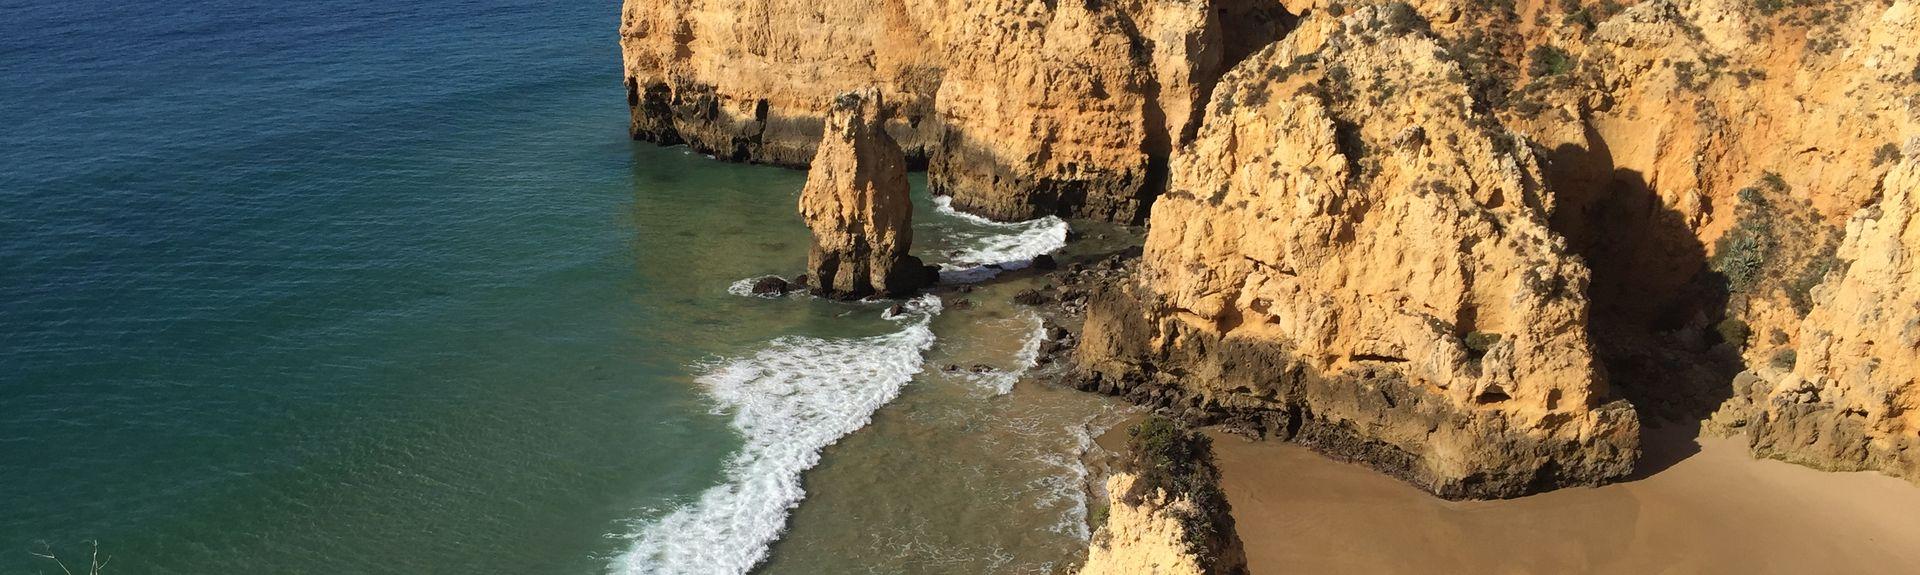 Pestana Golfe Resort (Estombar, Faron piiri, Portugali)